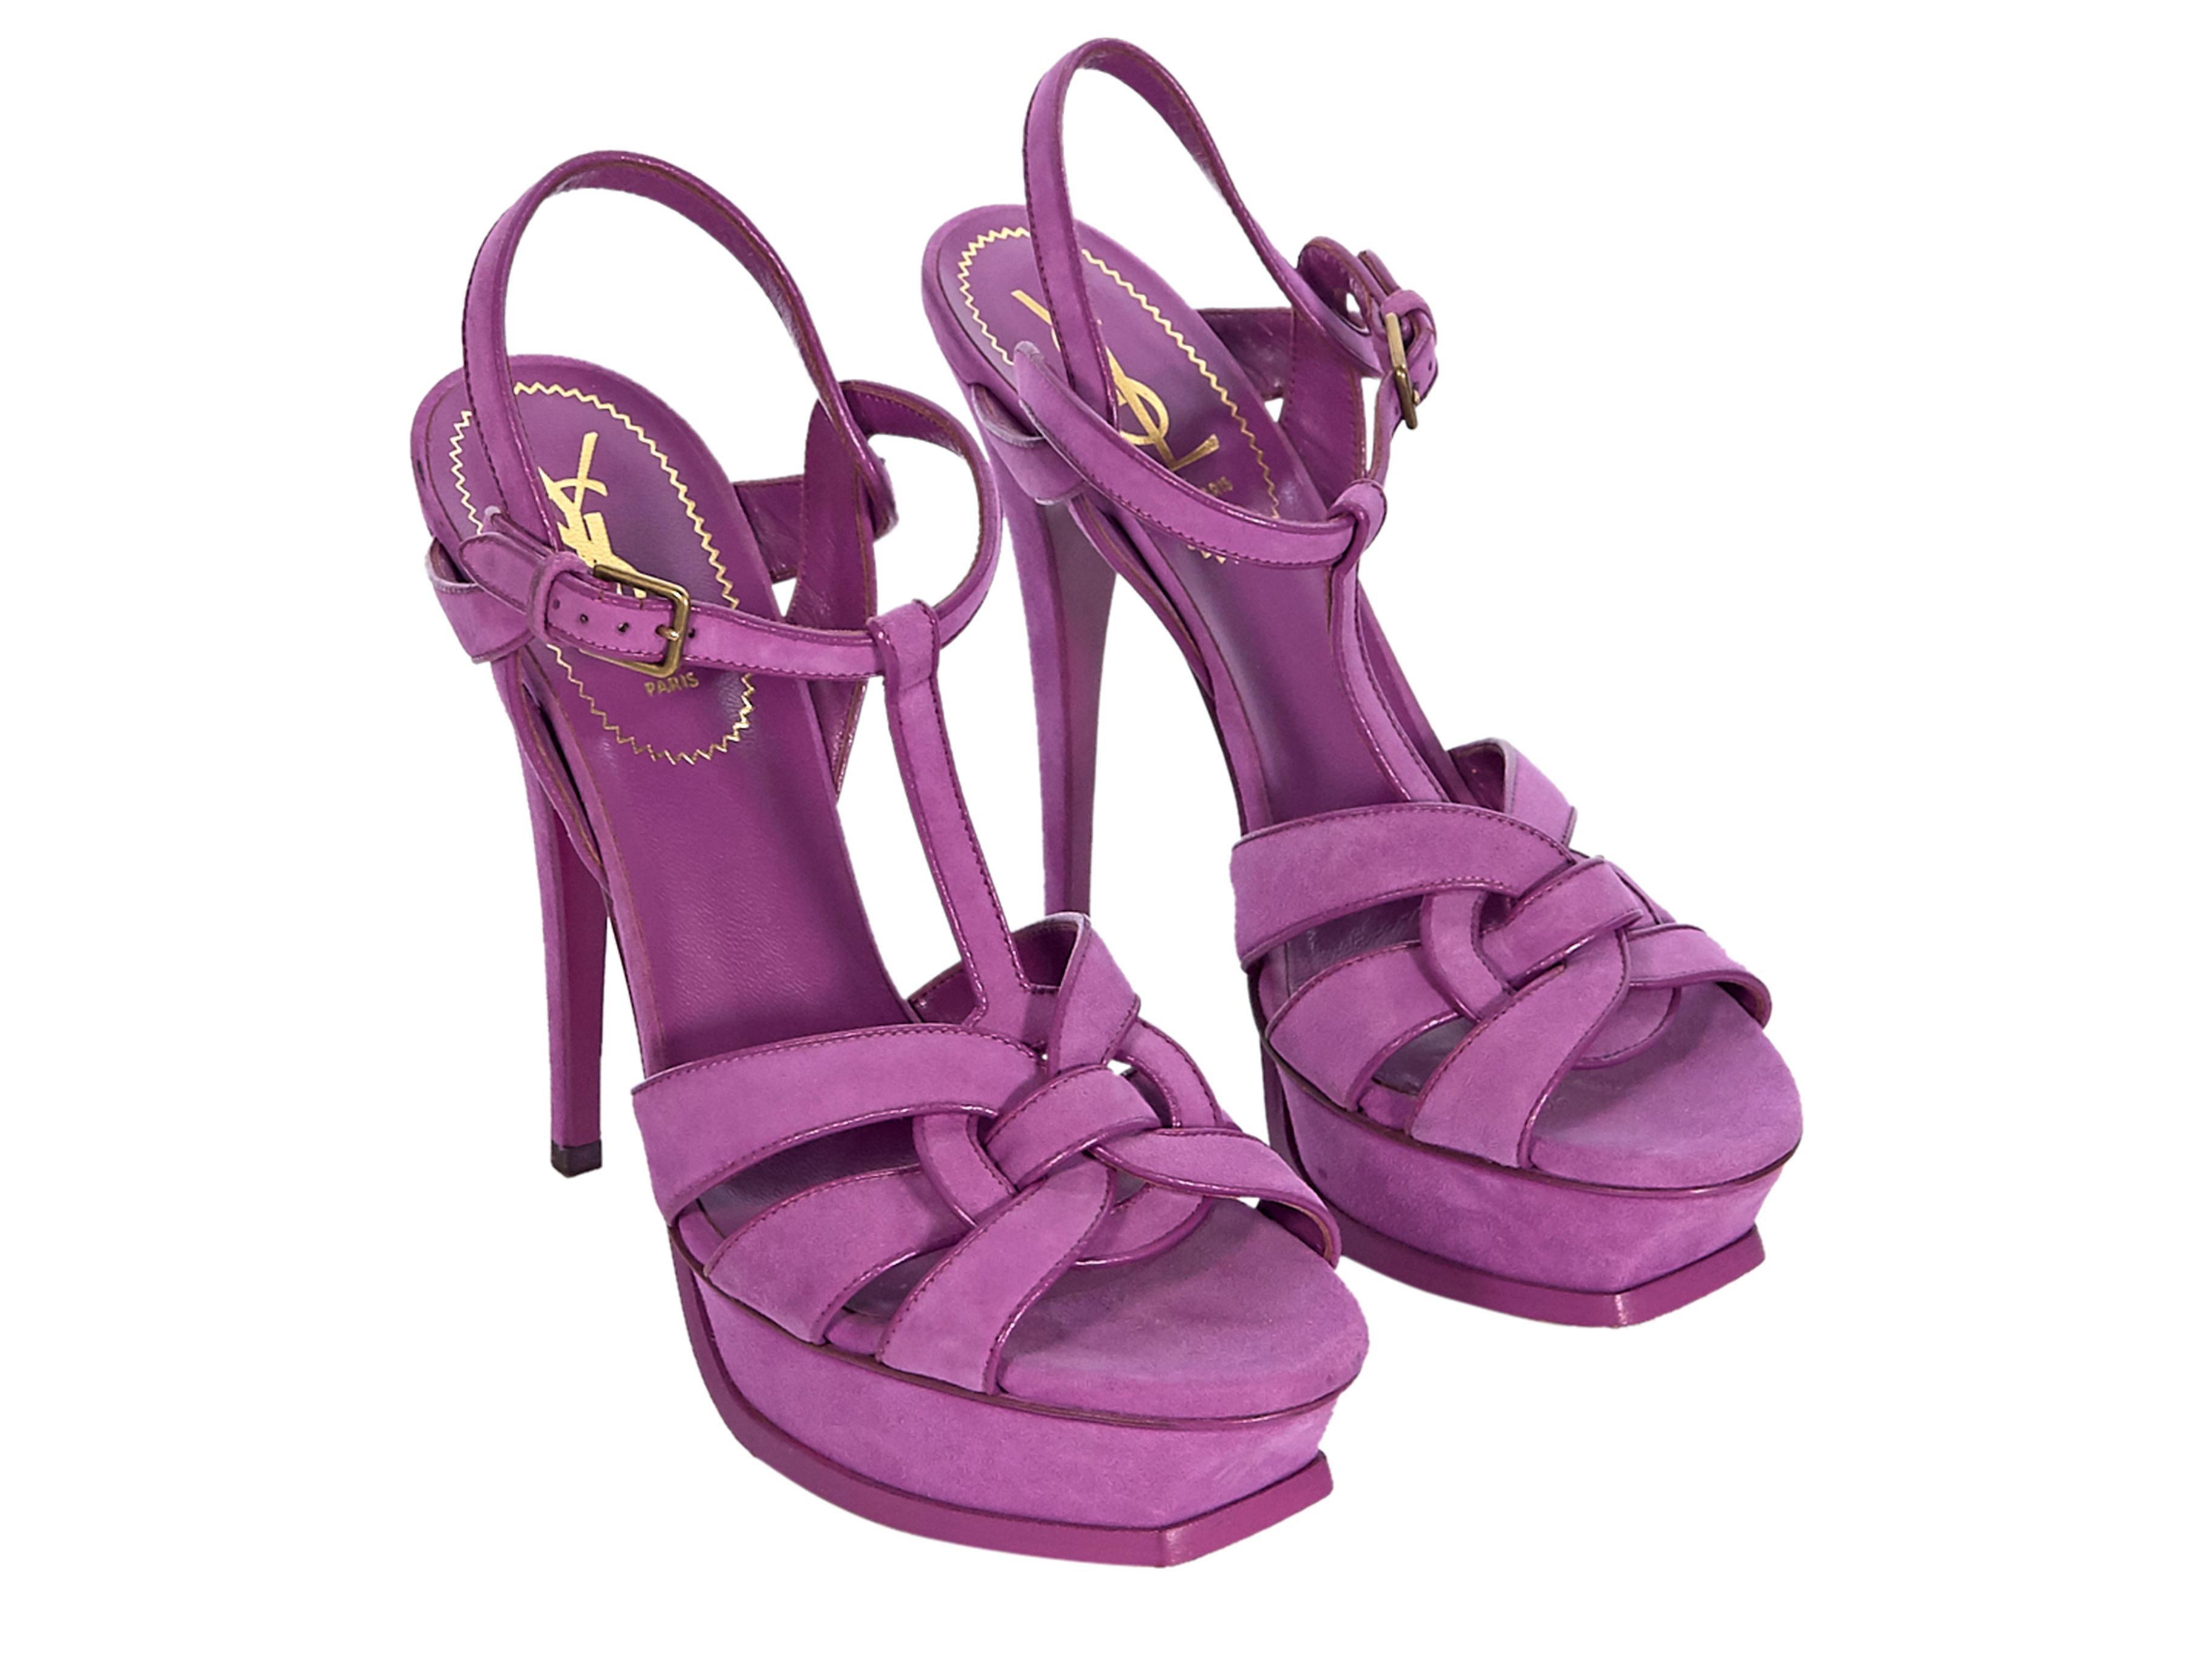 9f2c77b9 Purple Yves Saint Laurent Suede Tribute Platform Sandals